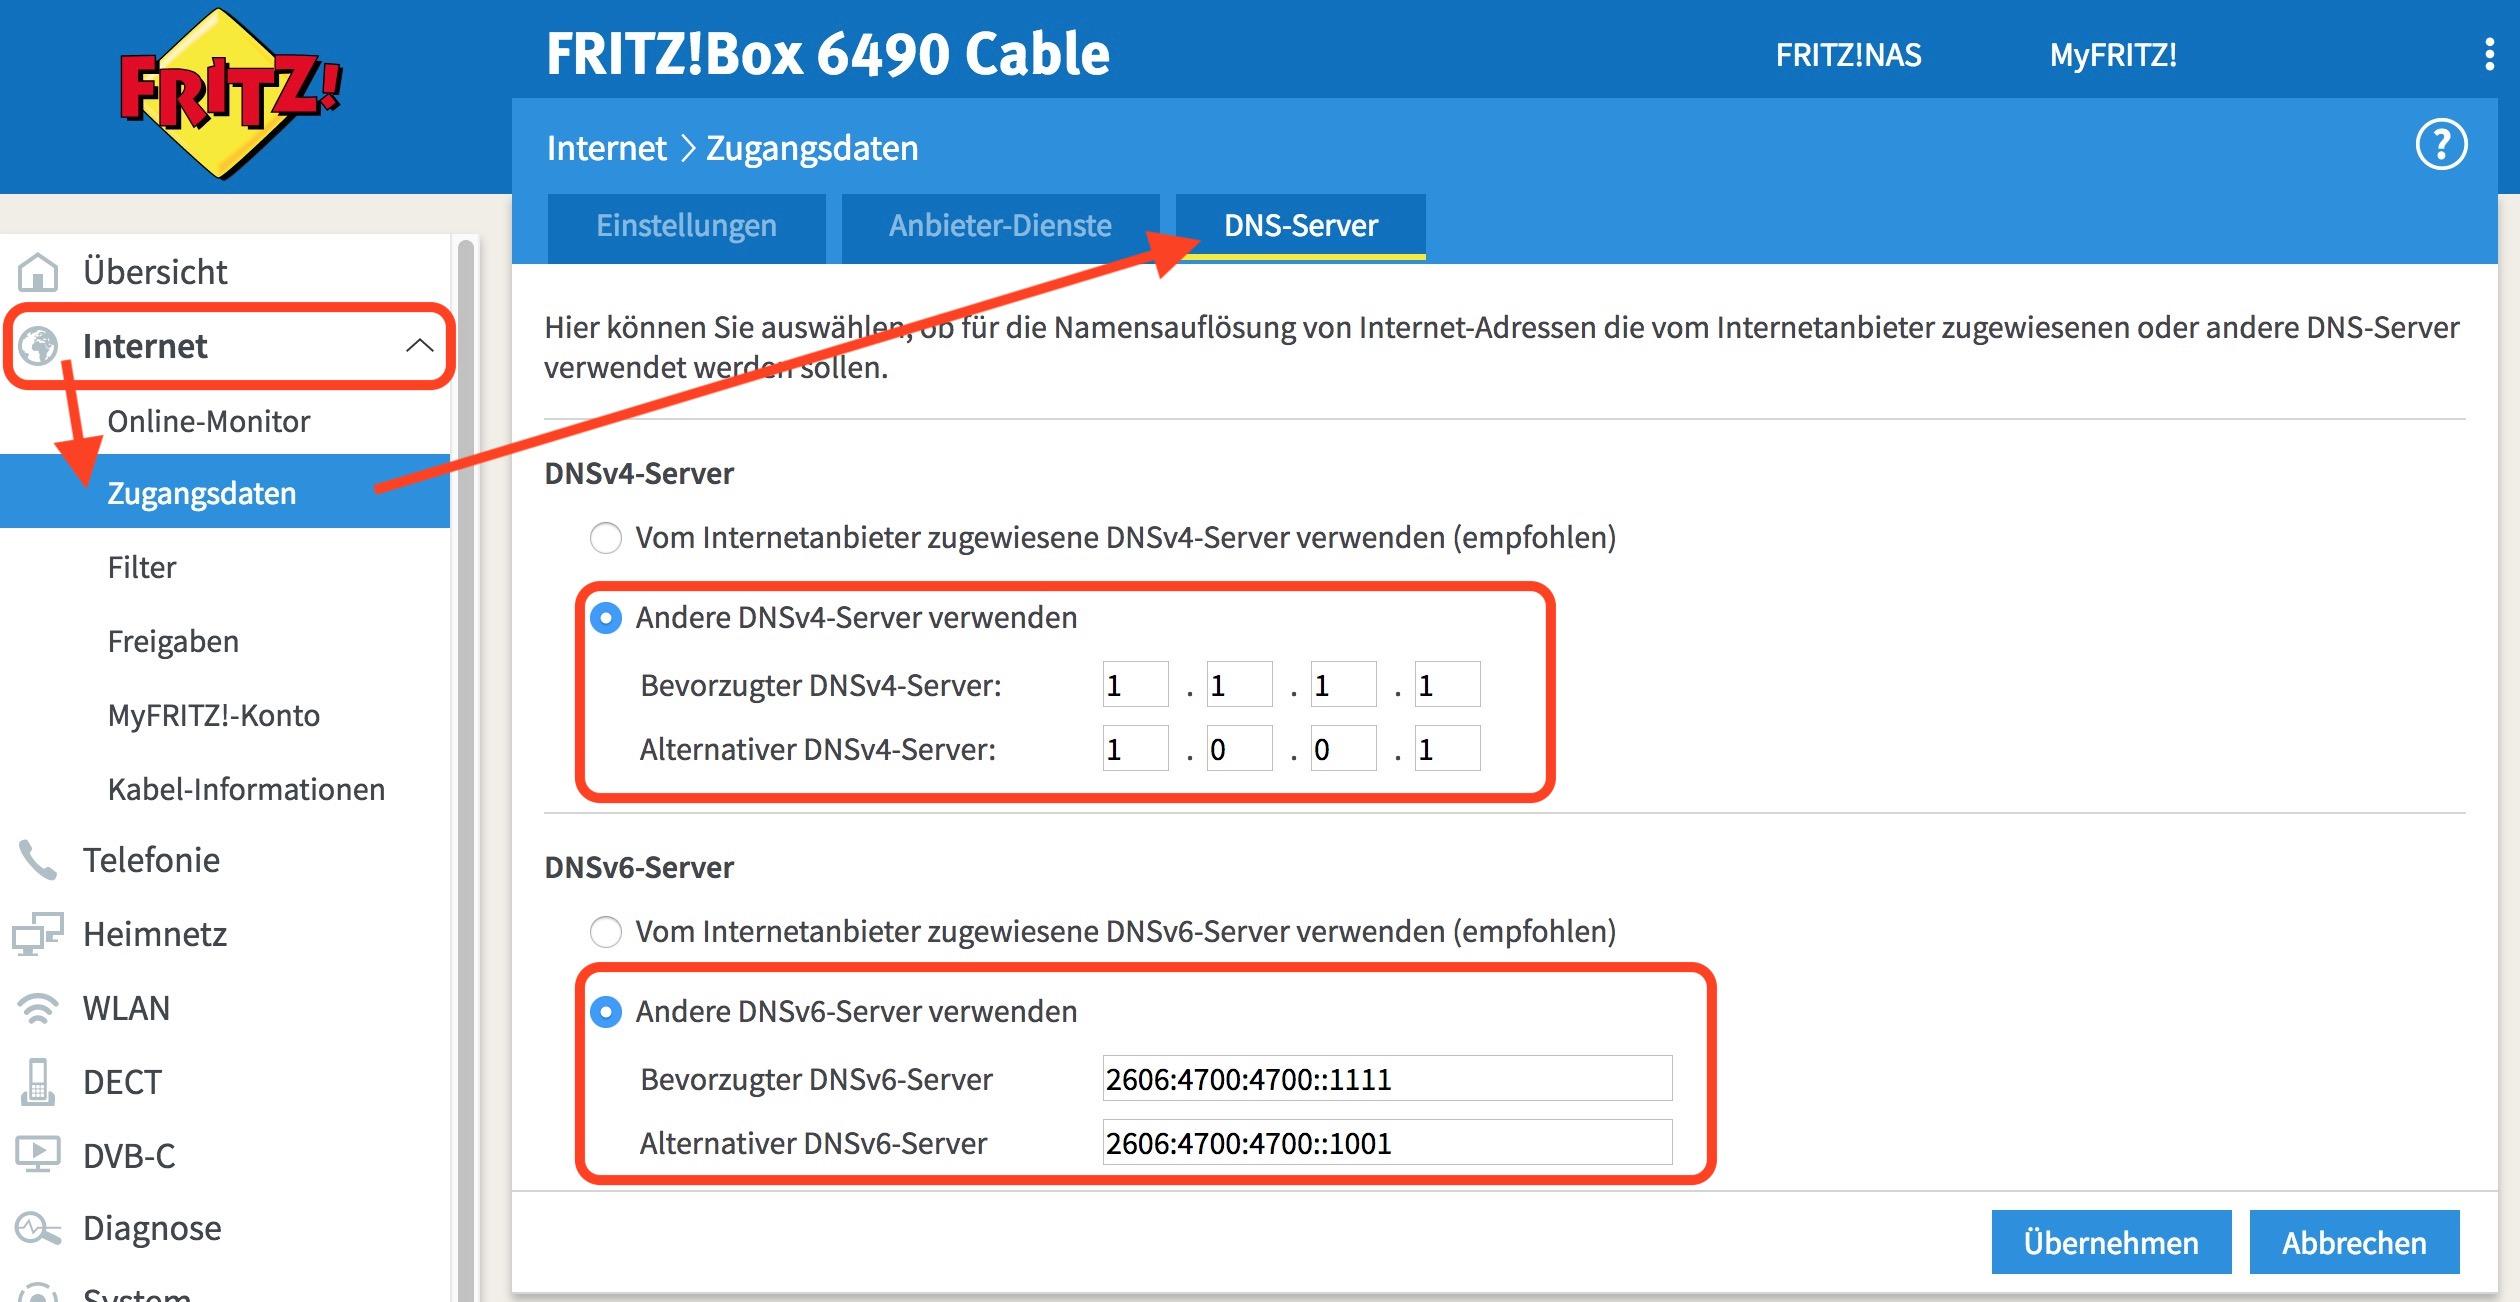 Cloudflare: Den schnellen DNS-Server 1.1.1.1 nutzen